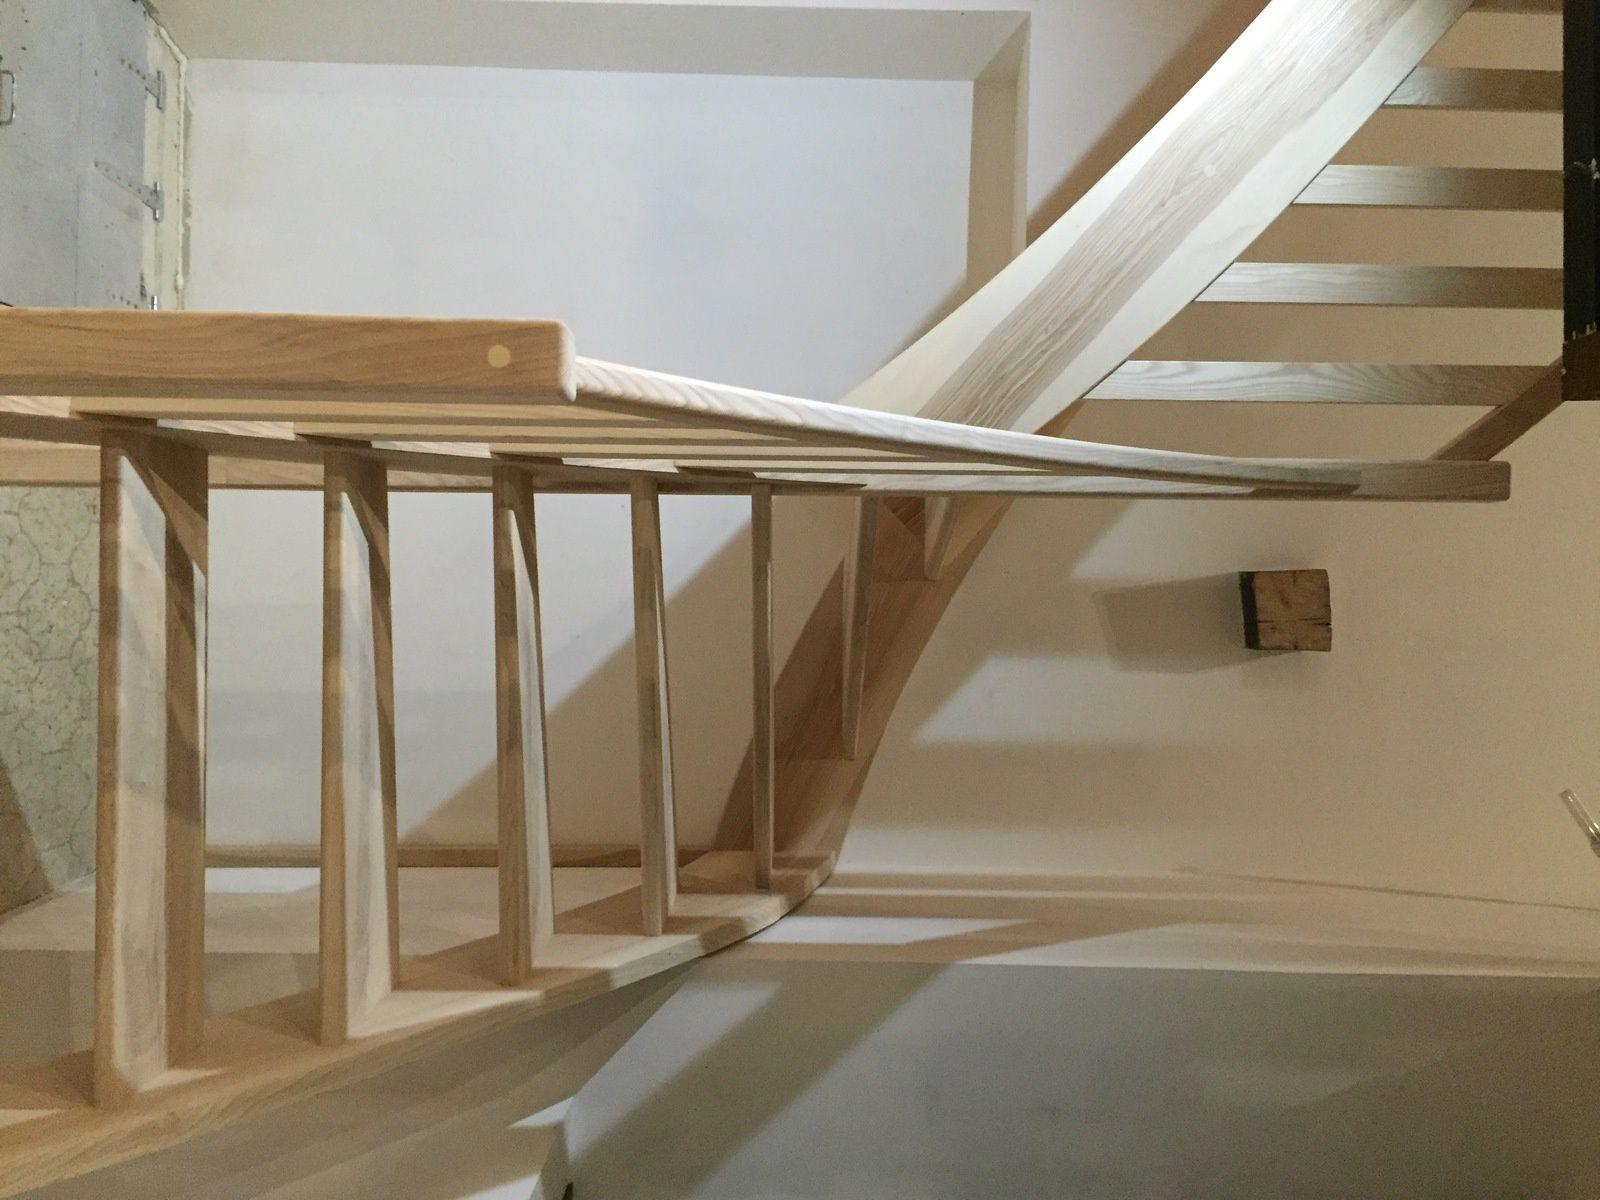 Hauteur marche escalier exterieur architecture de la for Marche escalier exterieur